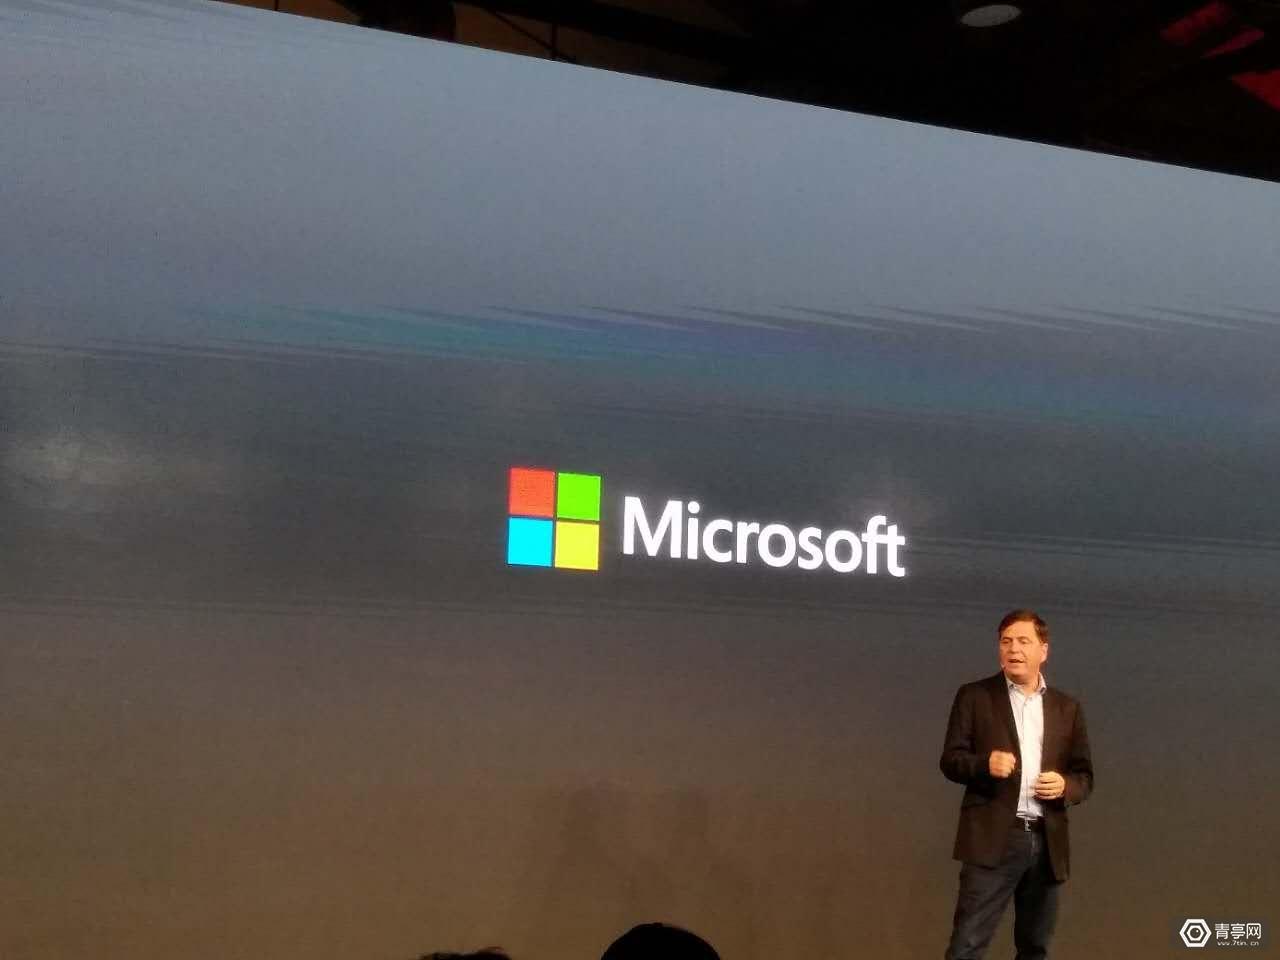 重磅!Surface Pro、HoloLens、XBOX…微软中国发布会搞了这么多大新闻!